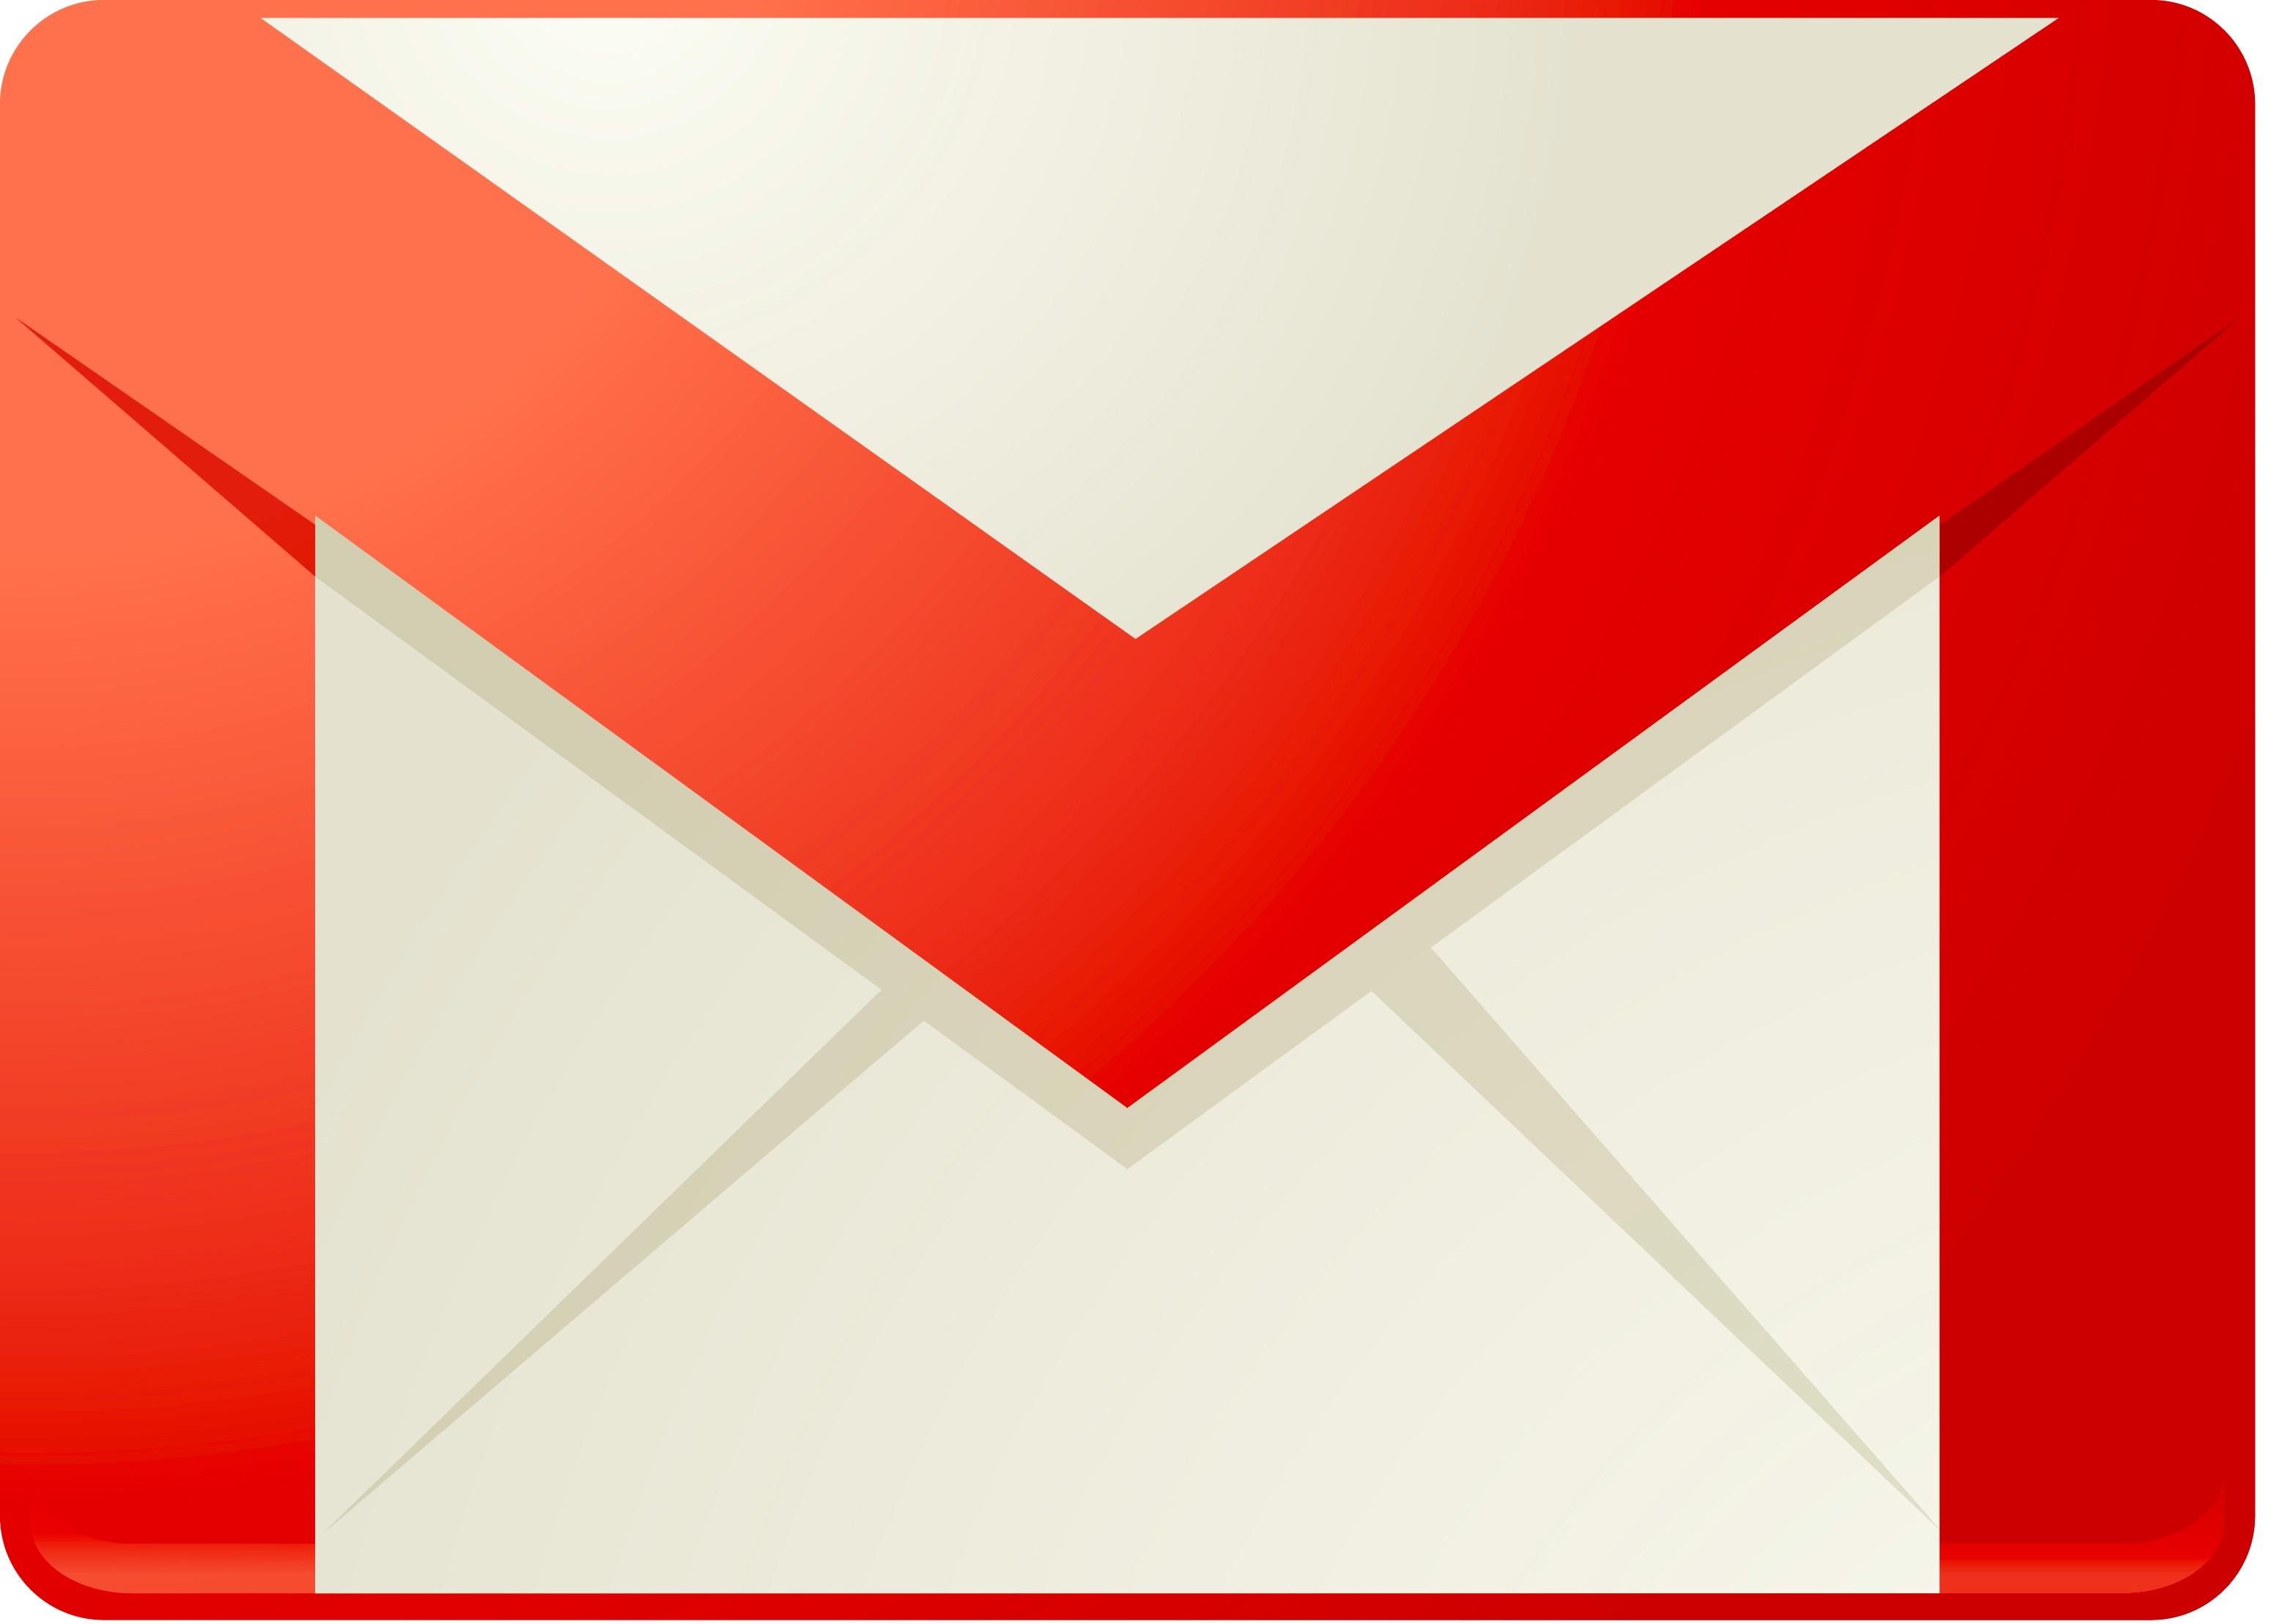 آموزش ساخت ایمیل با موبایل